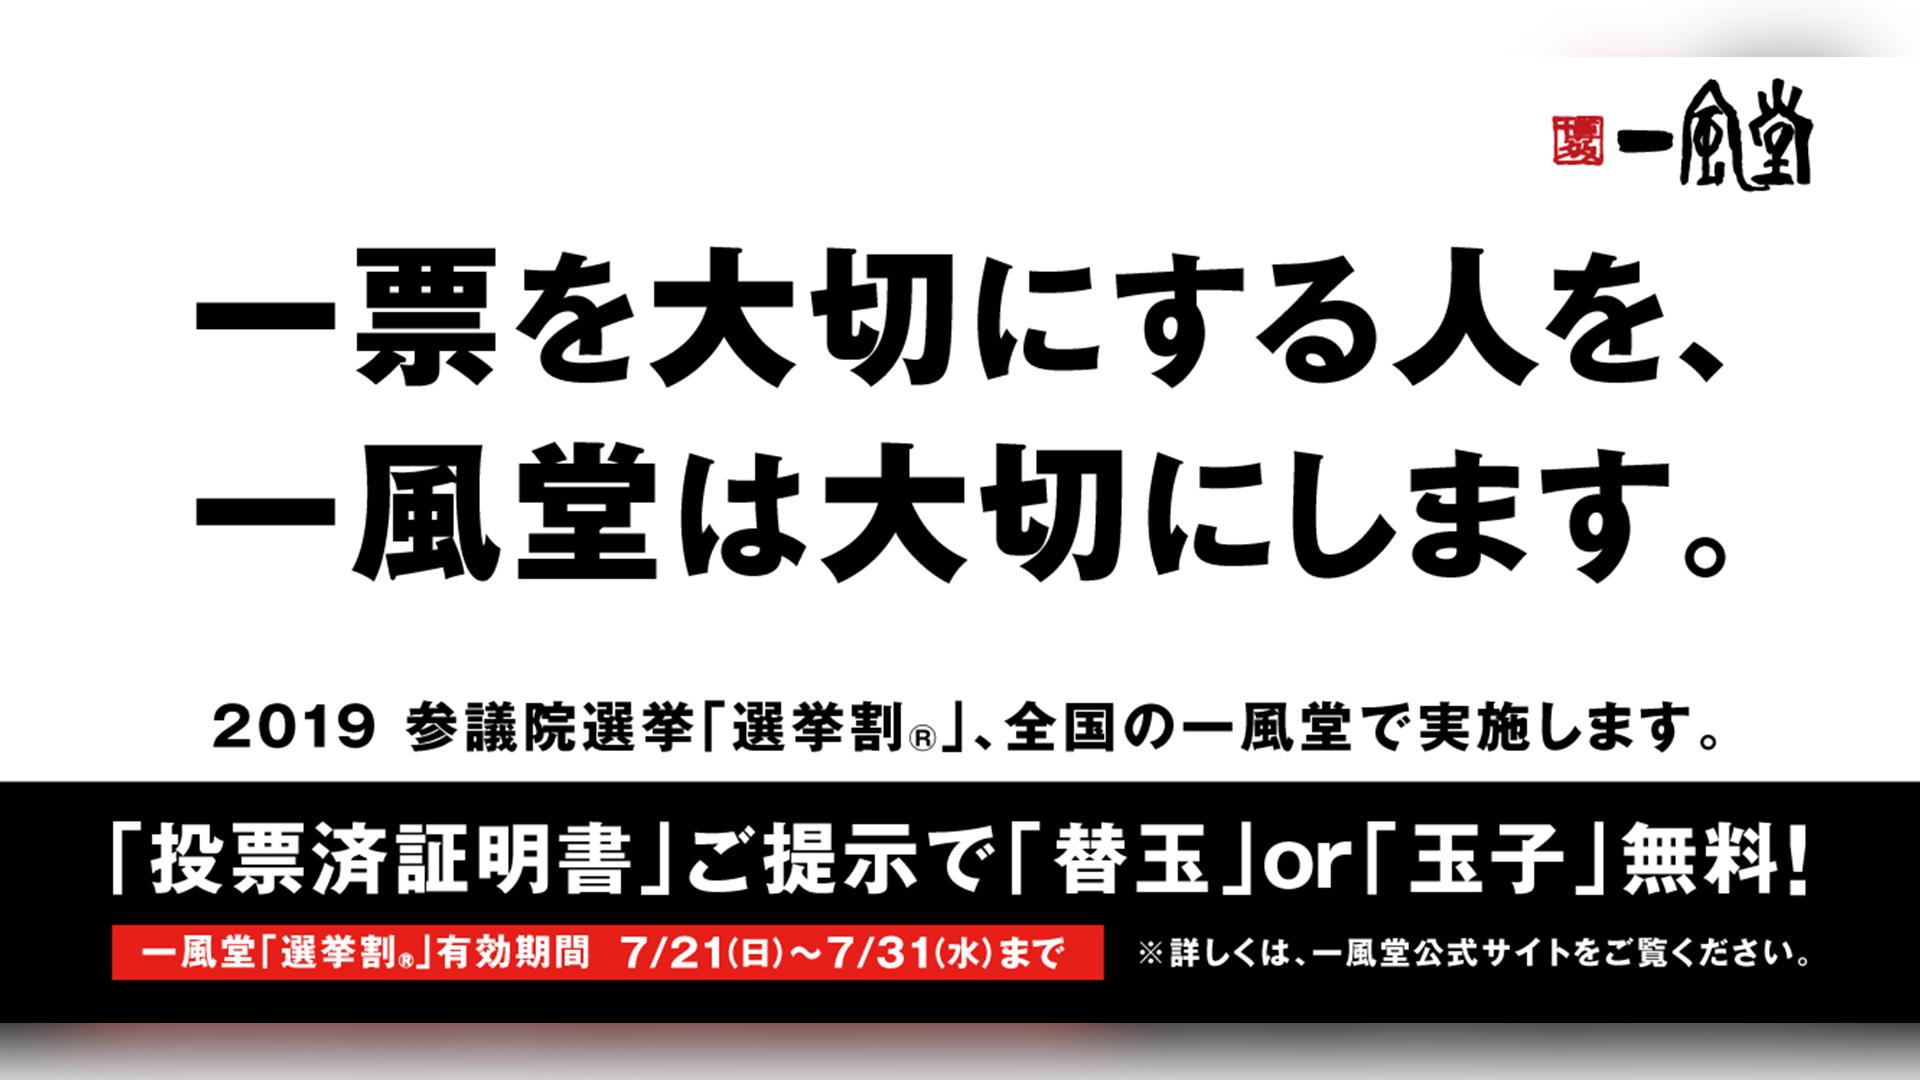 【一風堂、国内全店で「選挙割」を実施】他、新着トレンド7月12日